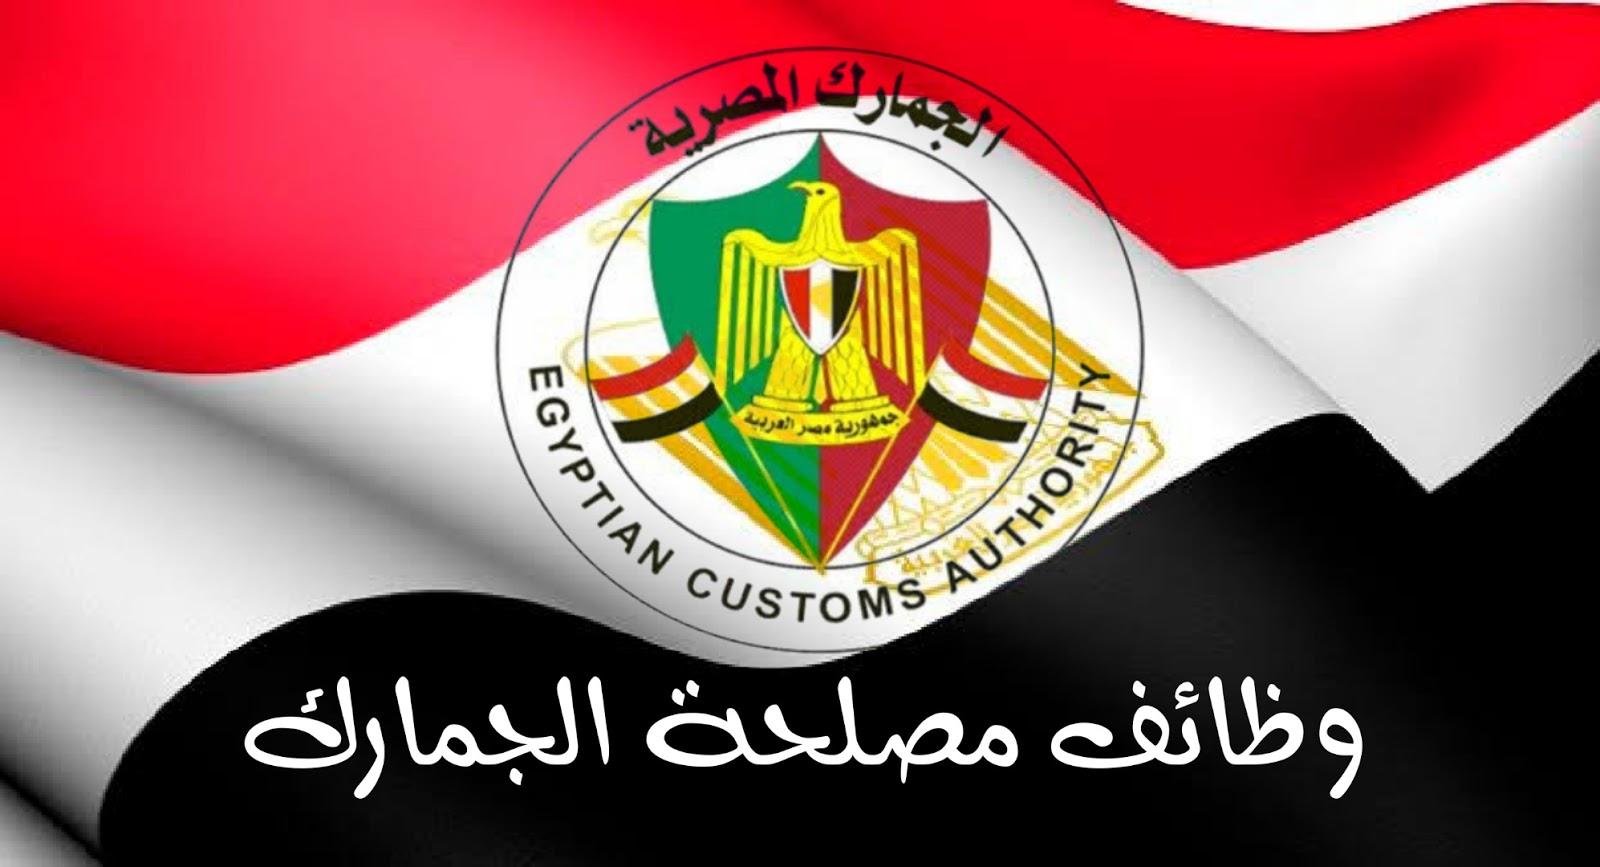 وظائف تعيينات مصلحة الجمارك المصرية 2021